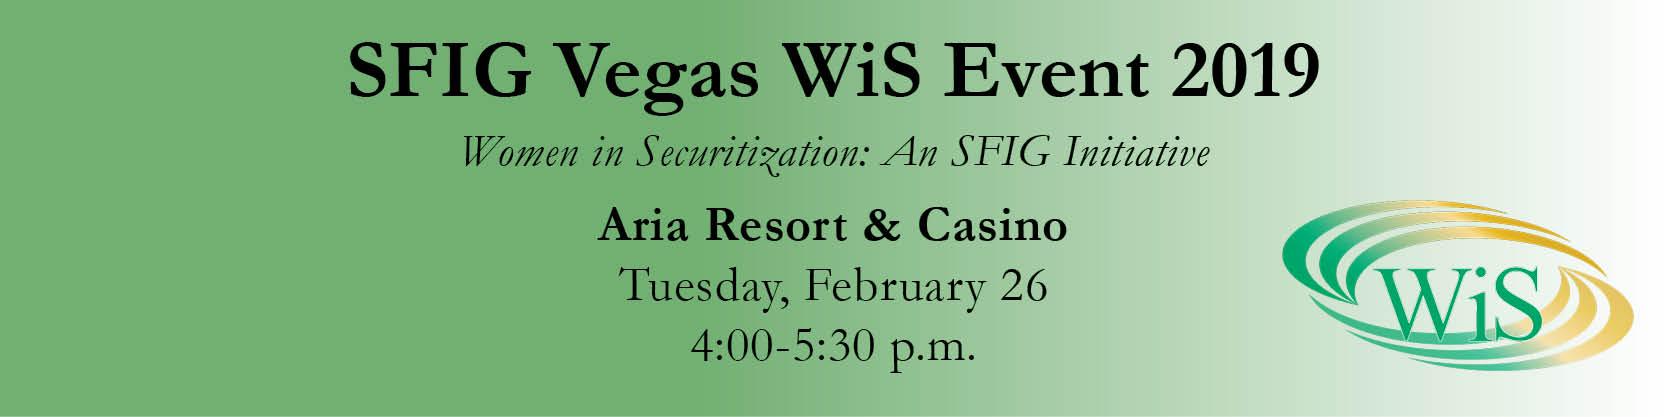 SFIG Vegas WiS Event 2019